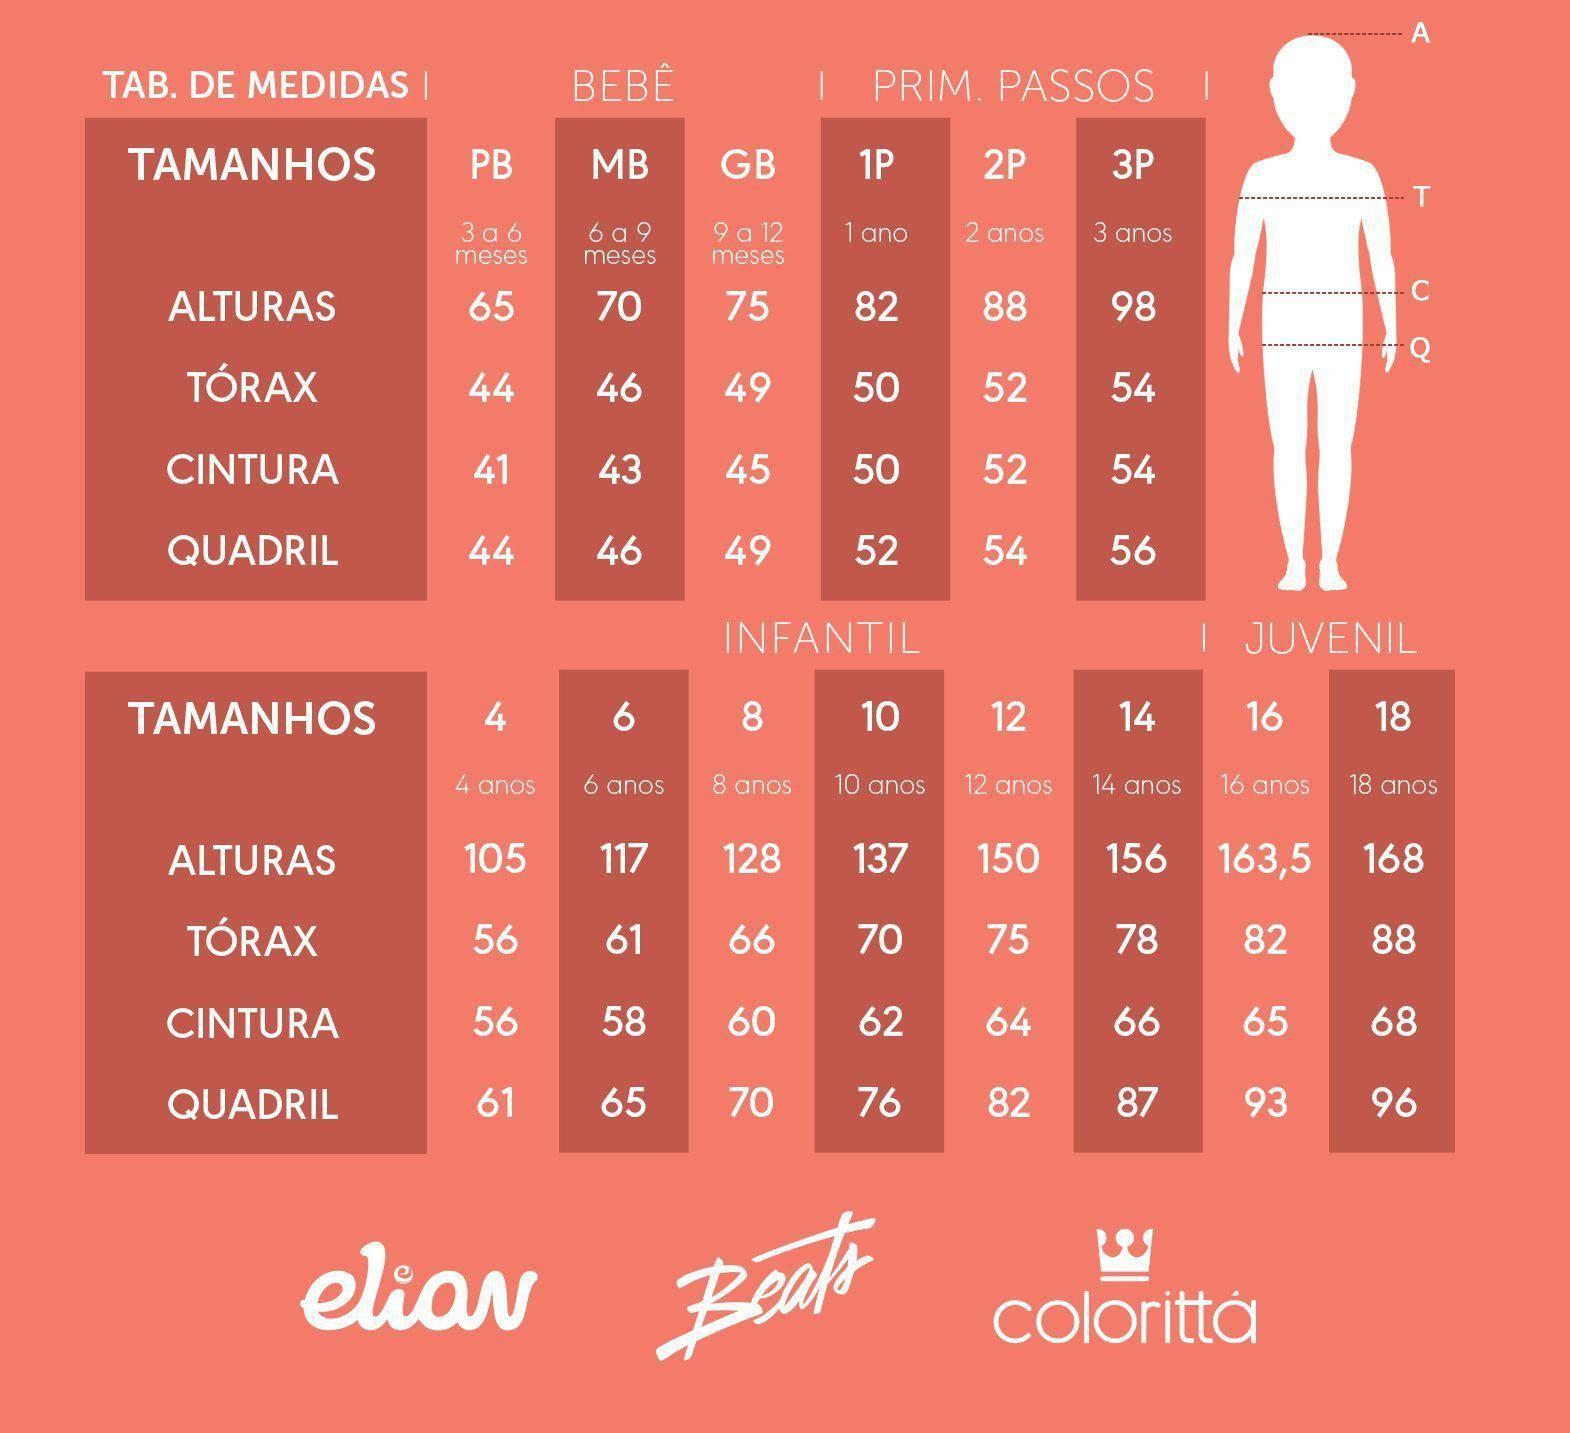 Jaqueta Infantil Masculina Cinza Life - Elian: Tabela de medidas